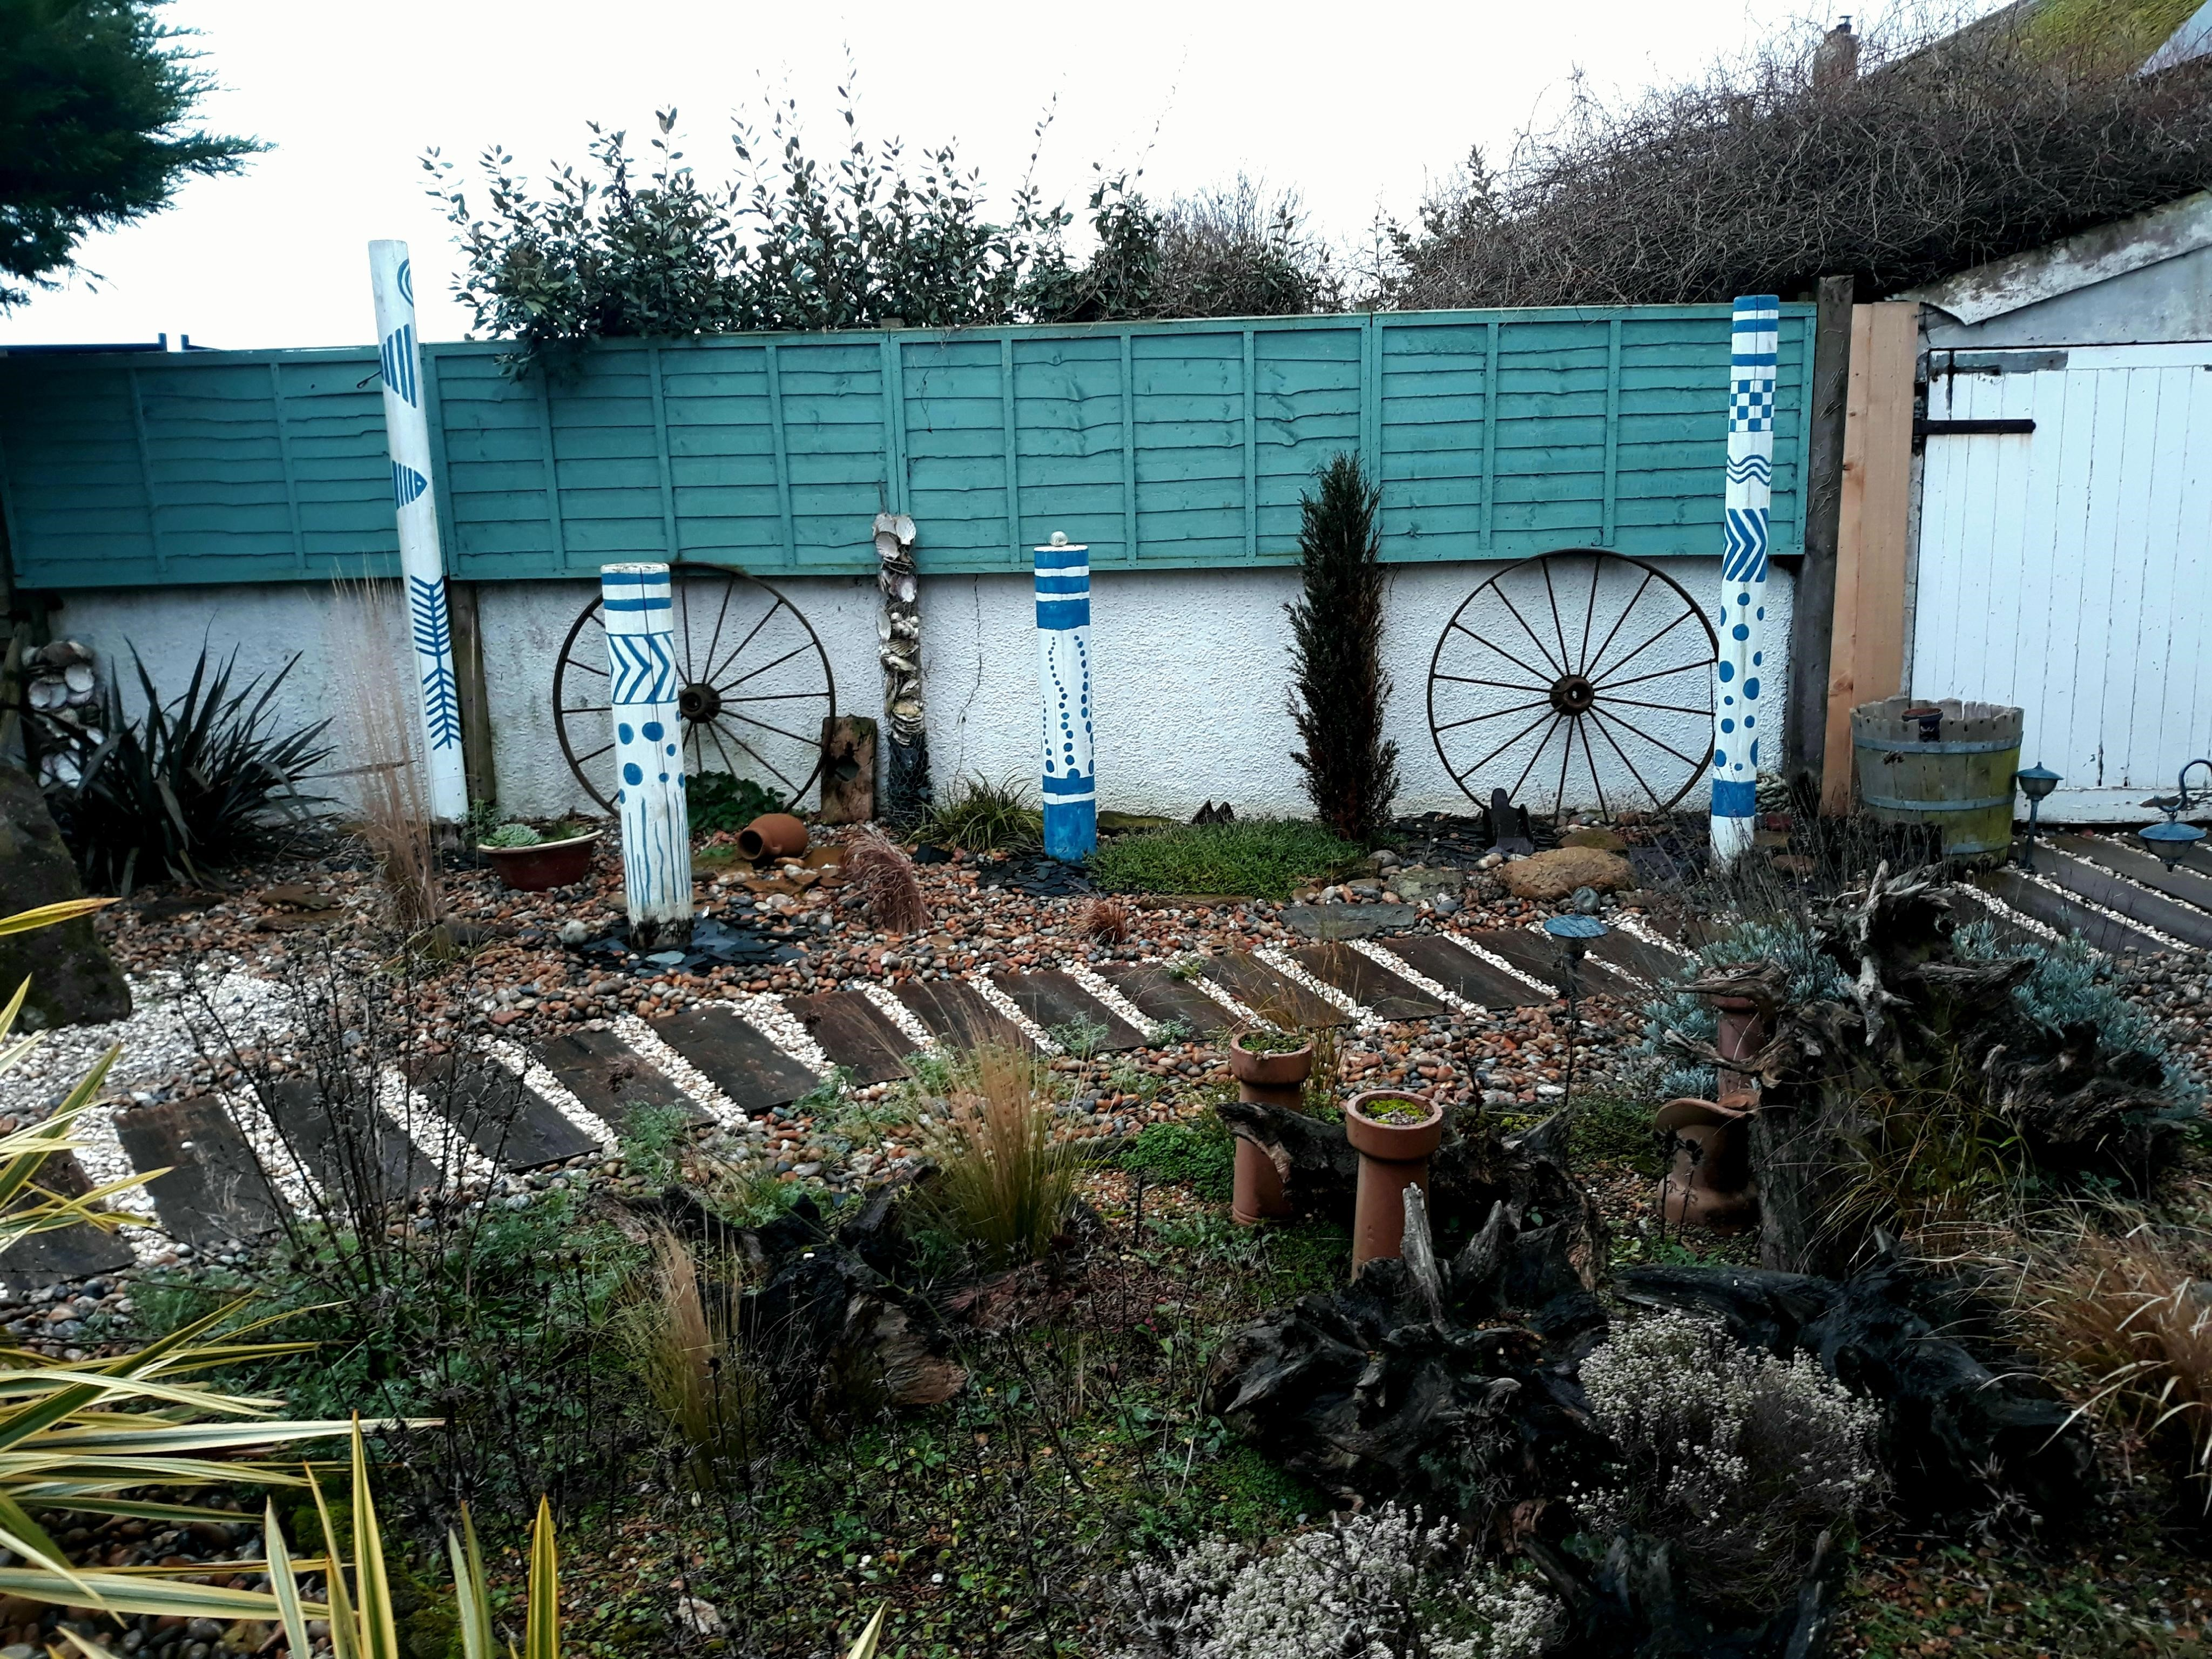 Bnb garden